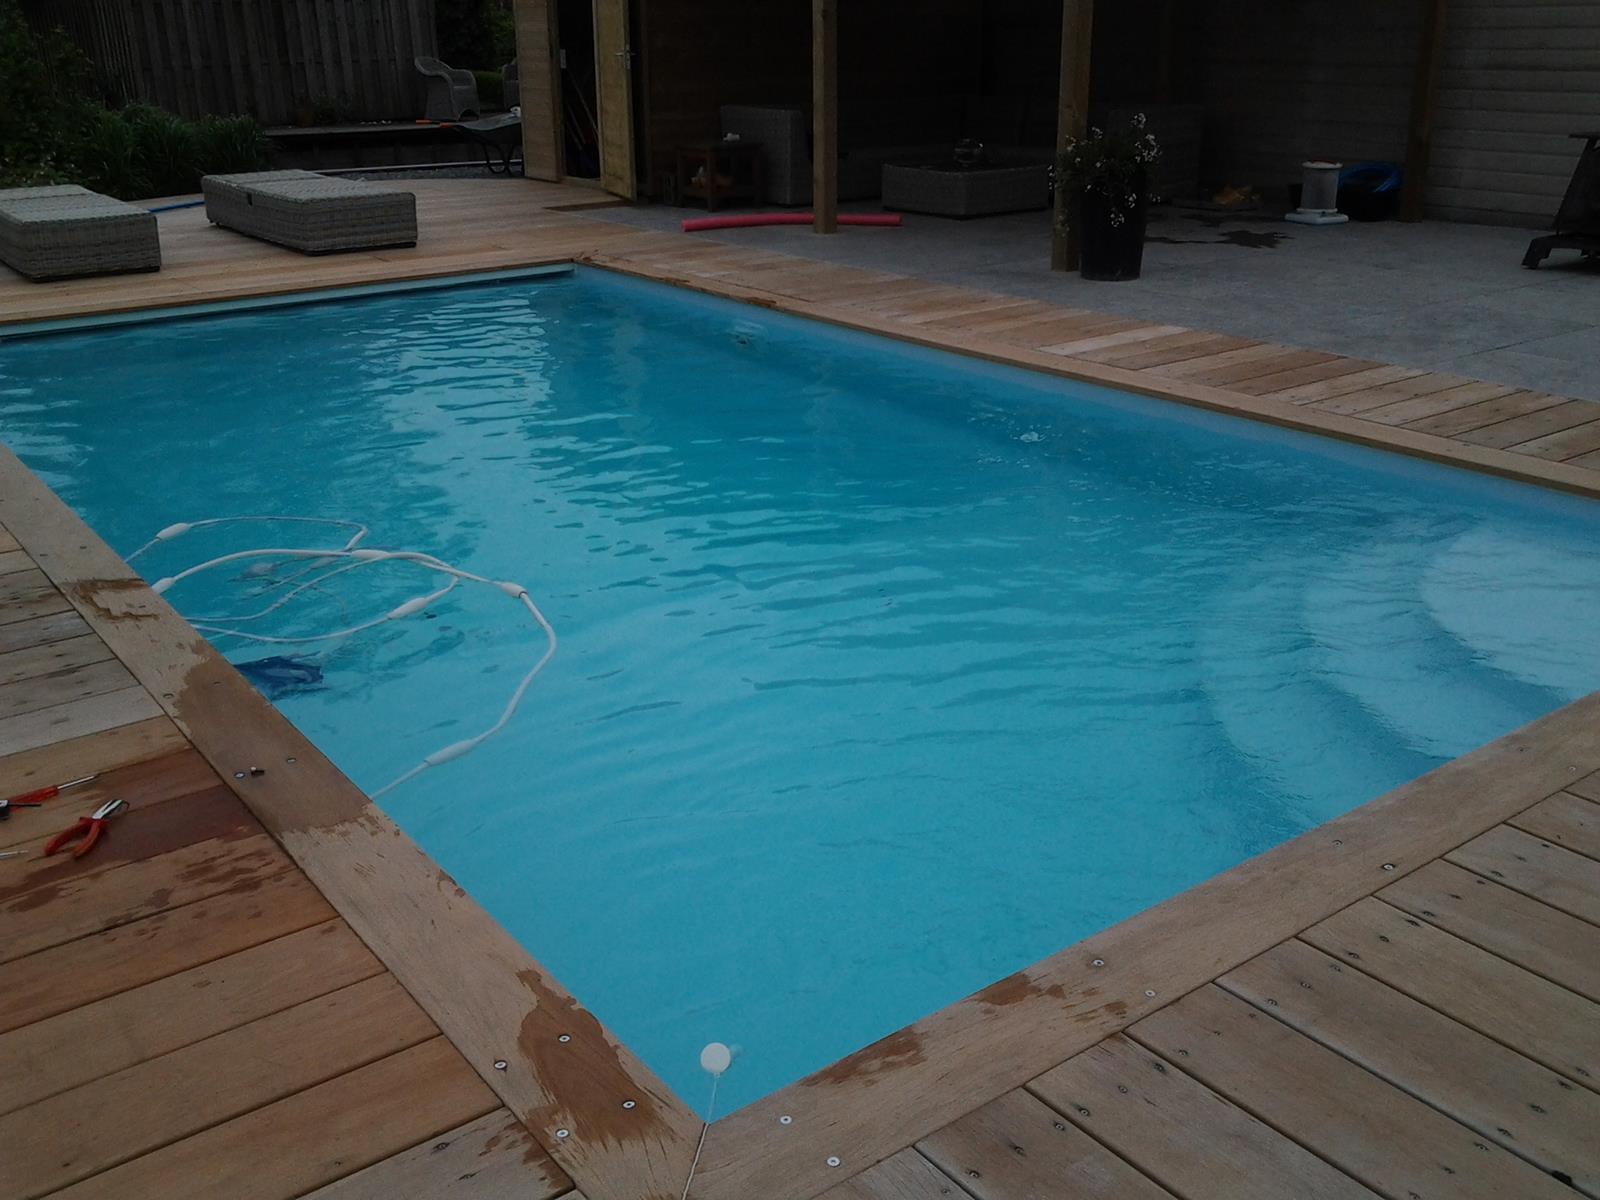 Zelf zwembad bouwen met 15 jaar ervaring for Zelf zwembad maken